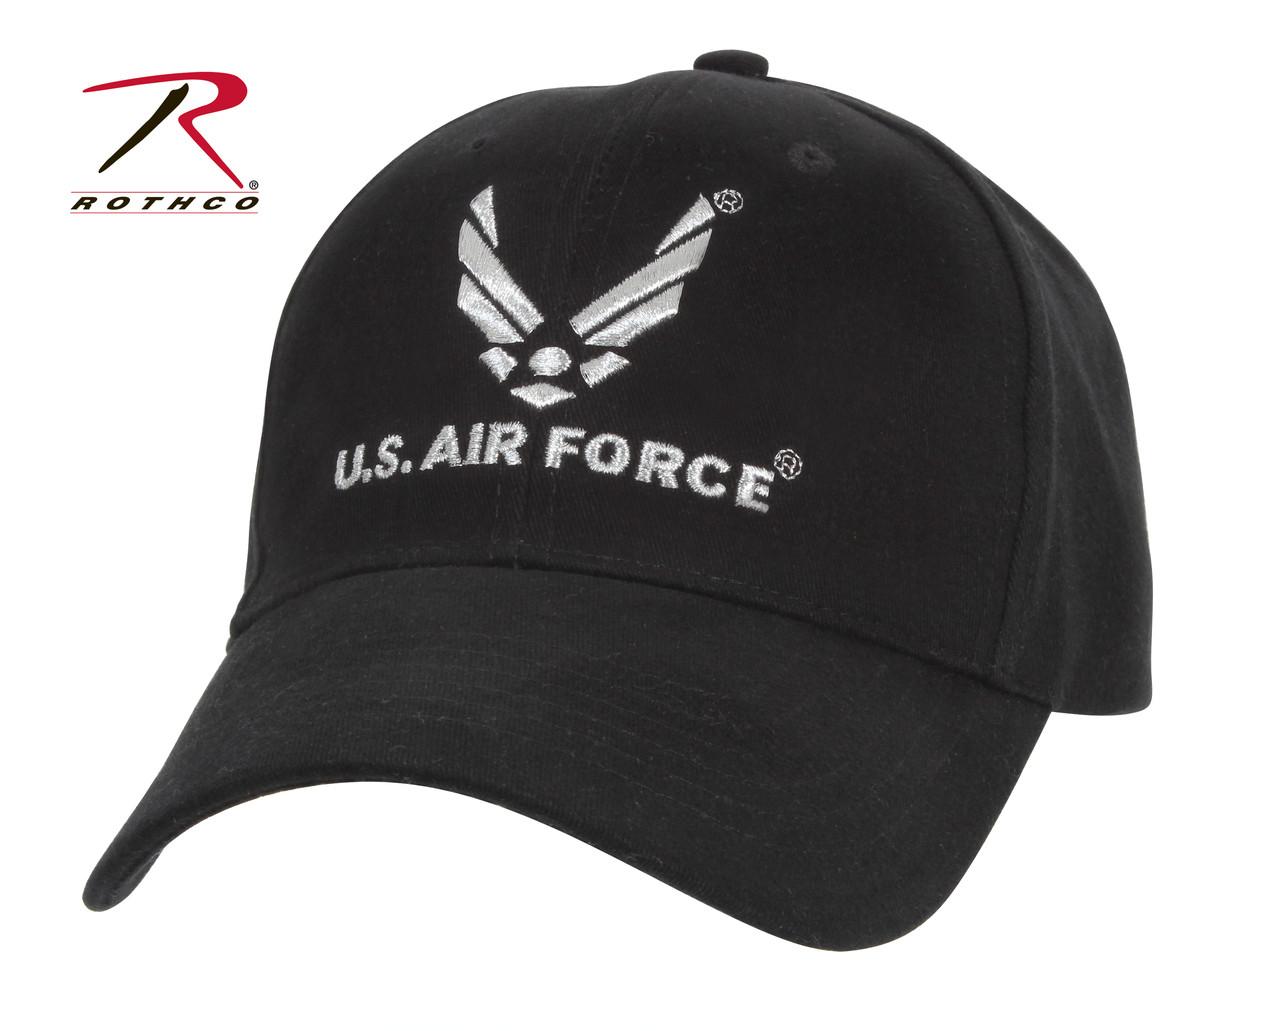 fe032e1e054 Rothco U.S. Air Force Low Profile Cap